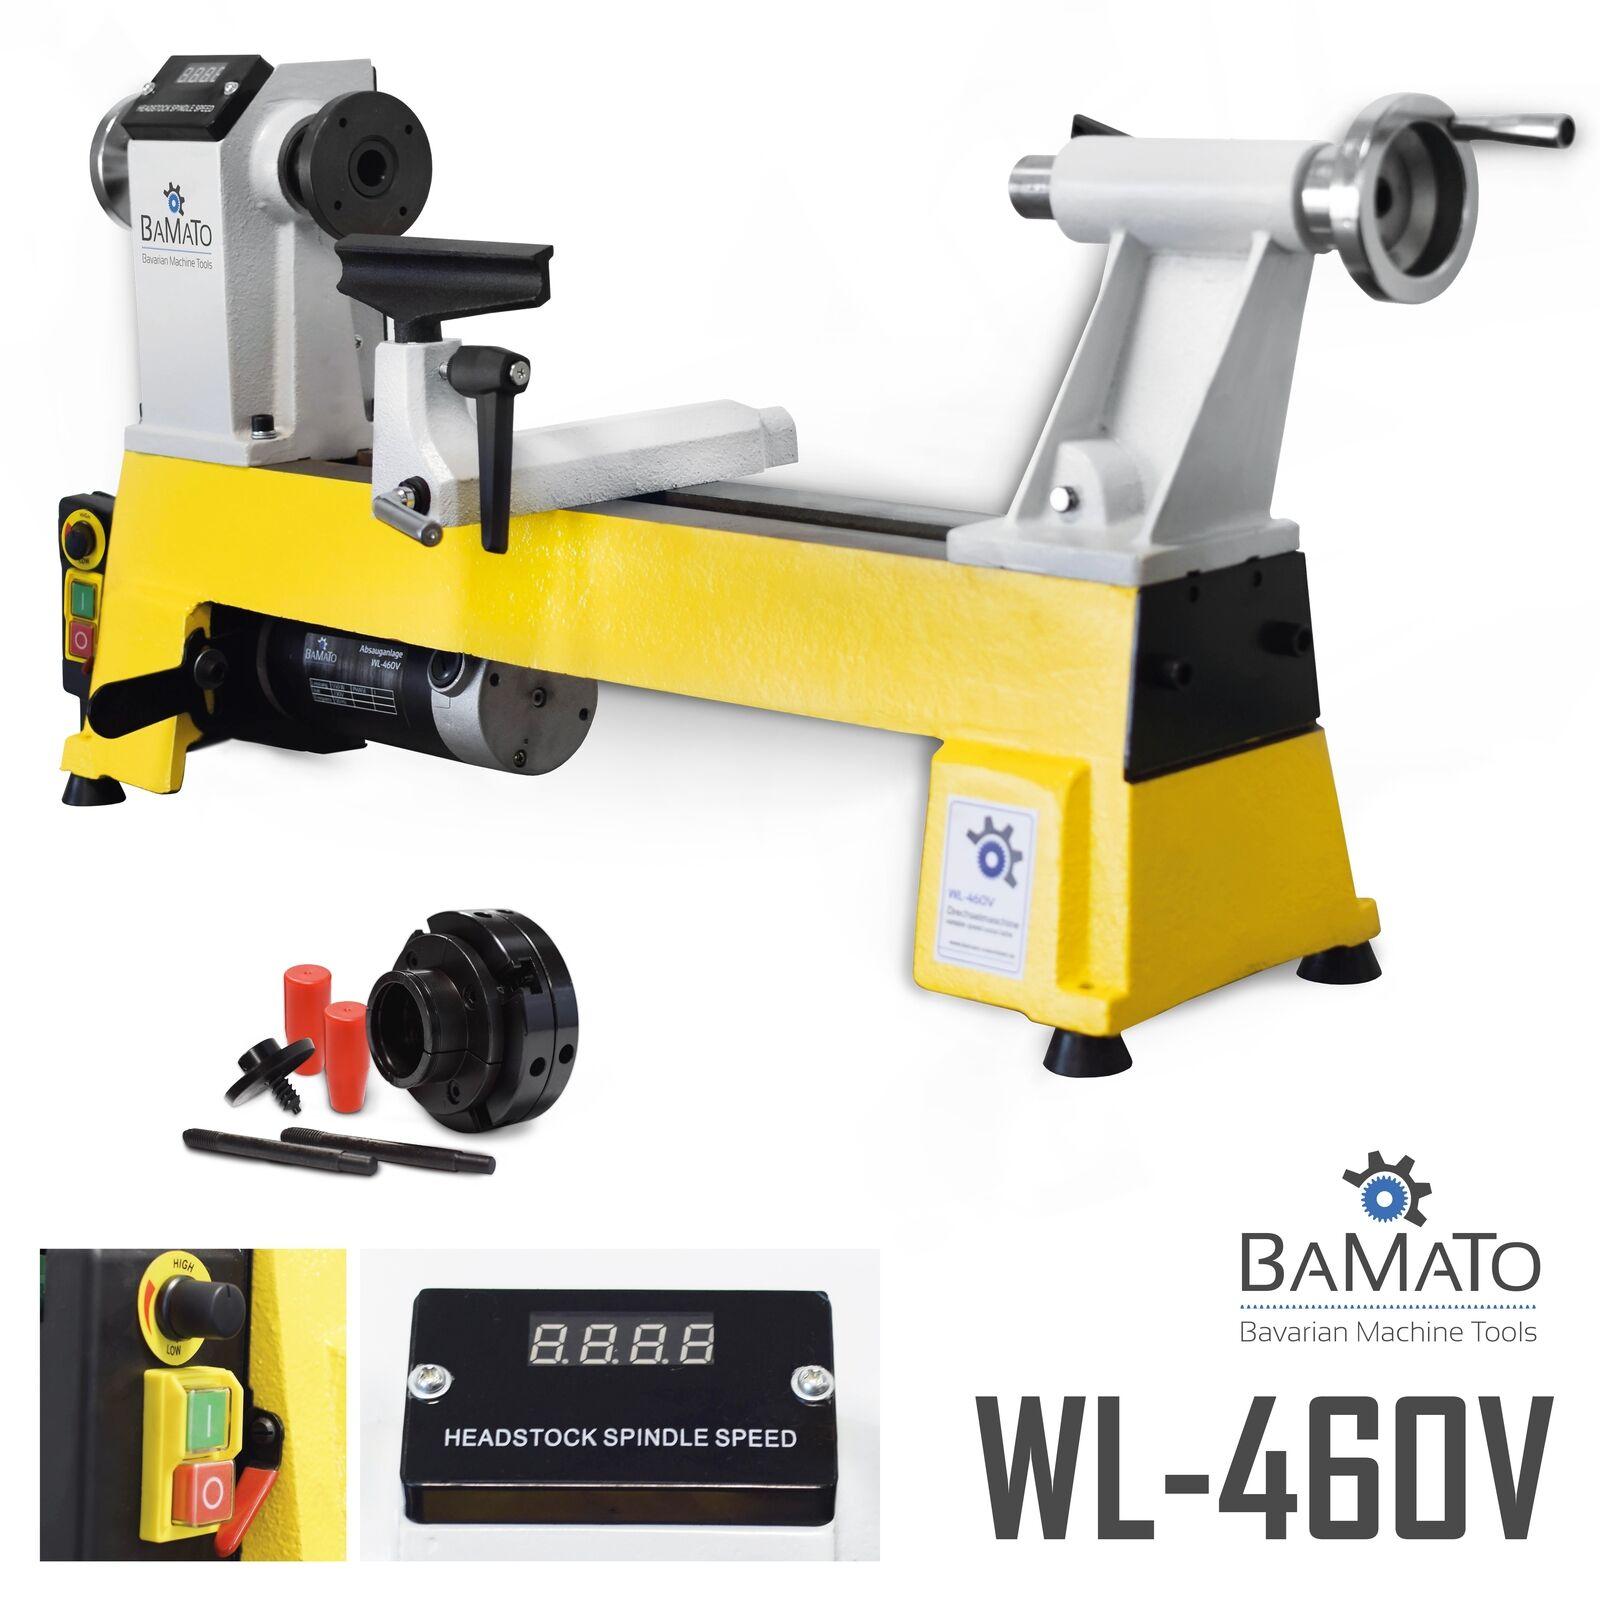 BAMATO Drechselmaschine WL-460V + 4-Backenfutter selbstzentrierend Drechselbank